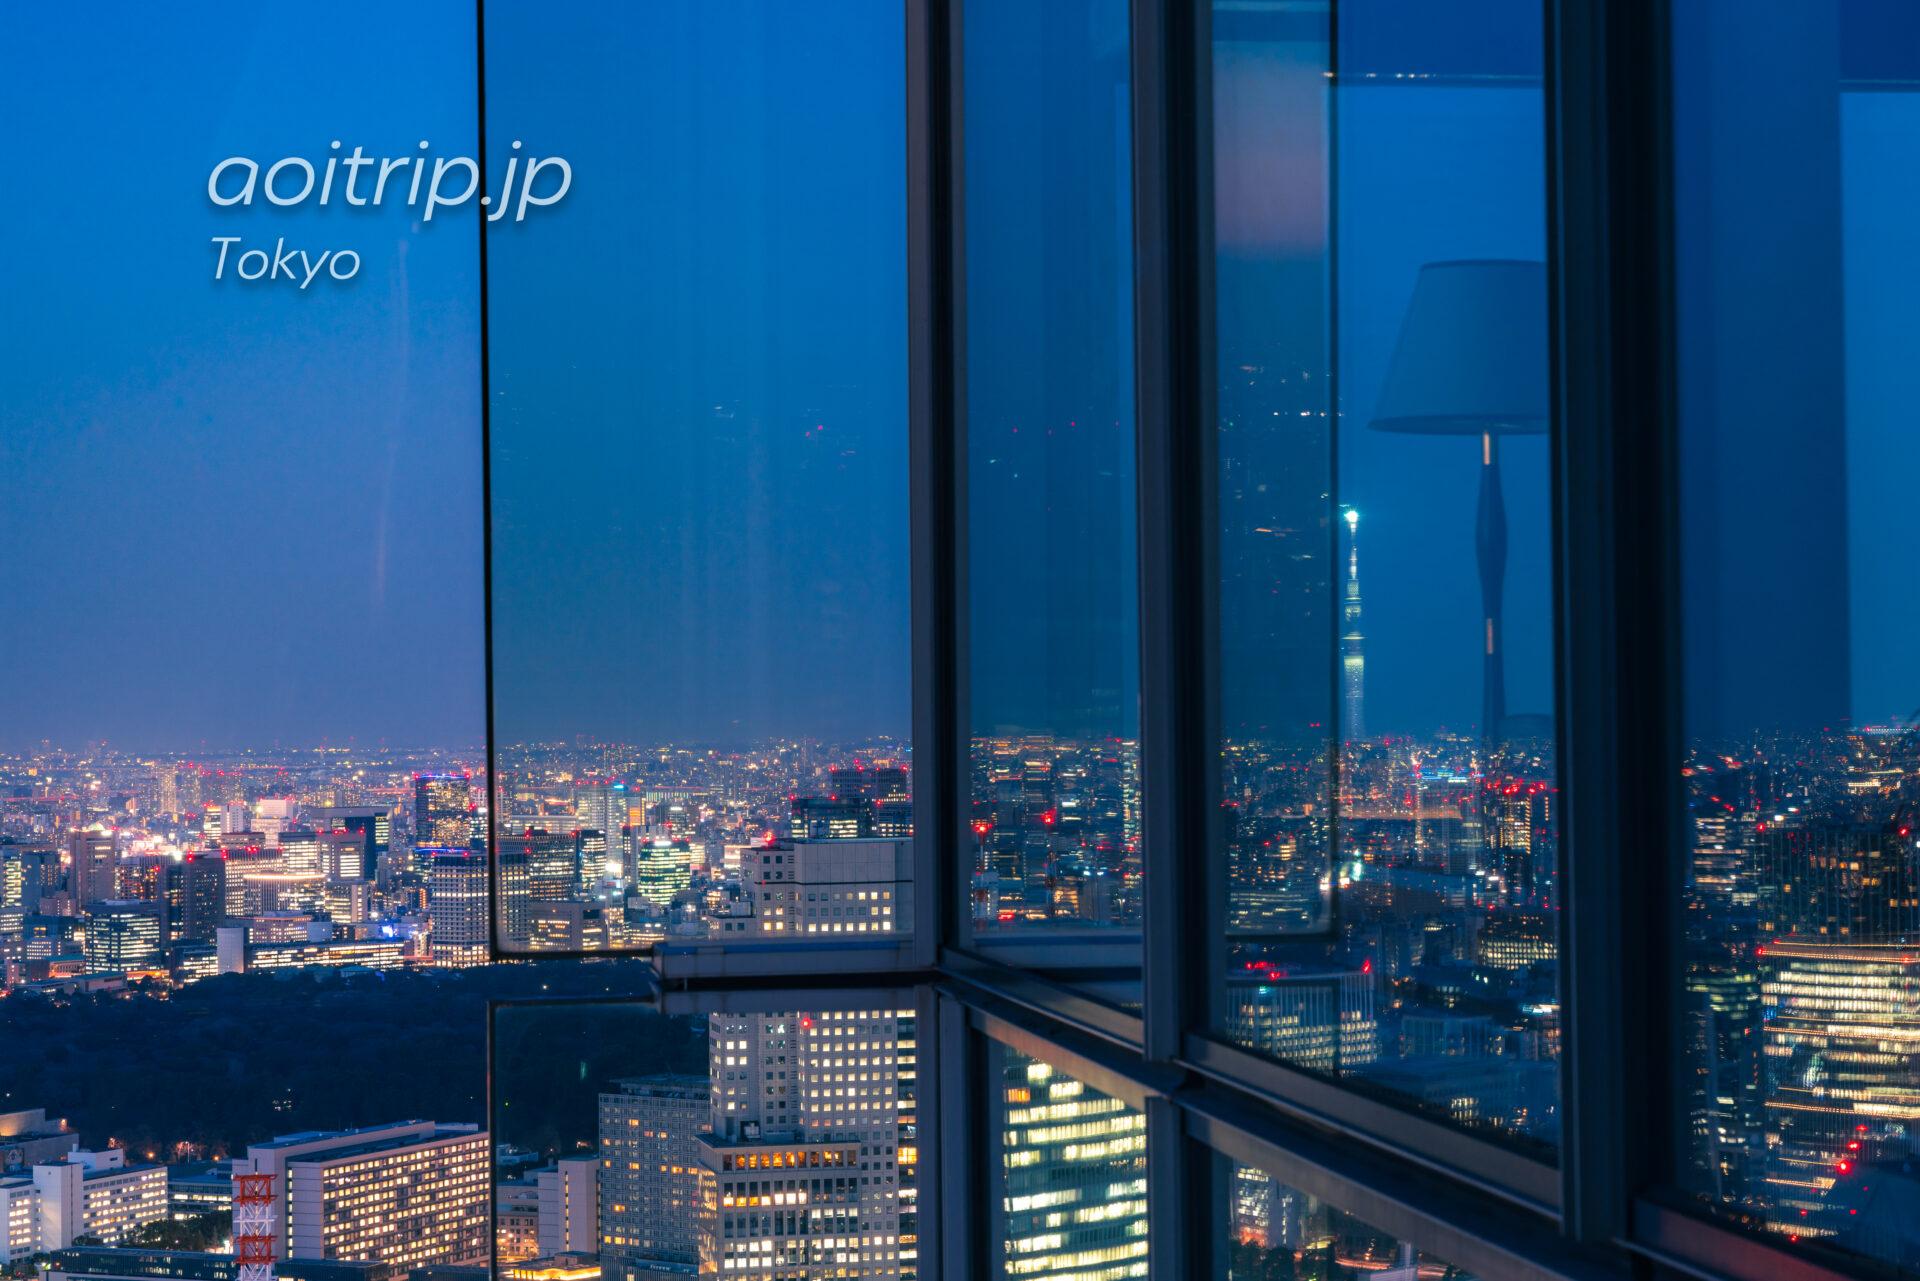 ザ リッツ カールトン東京から望む皇居と東京スカイツリーの夜景